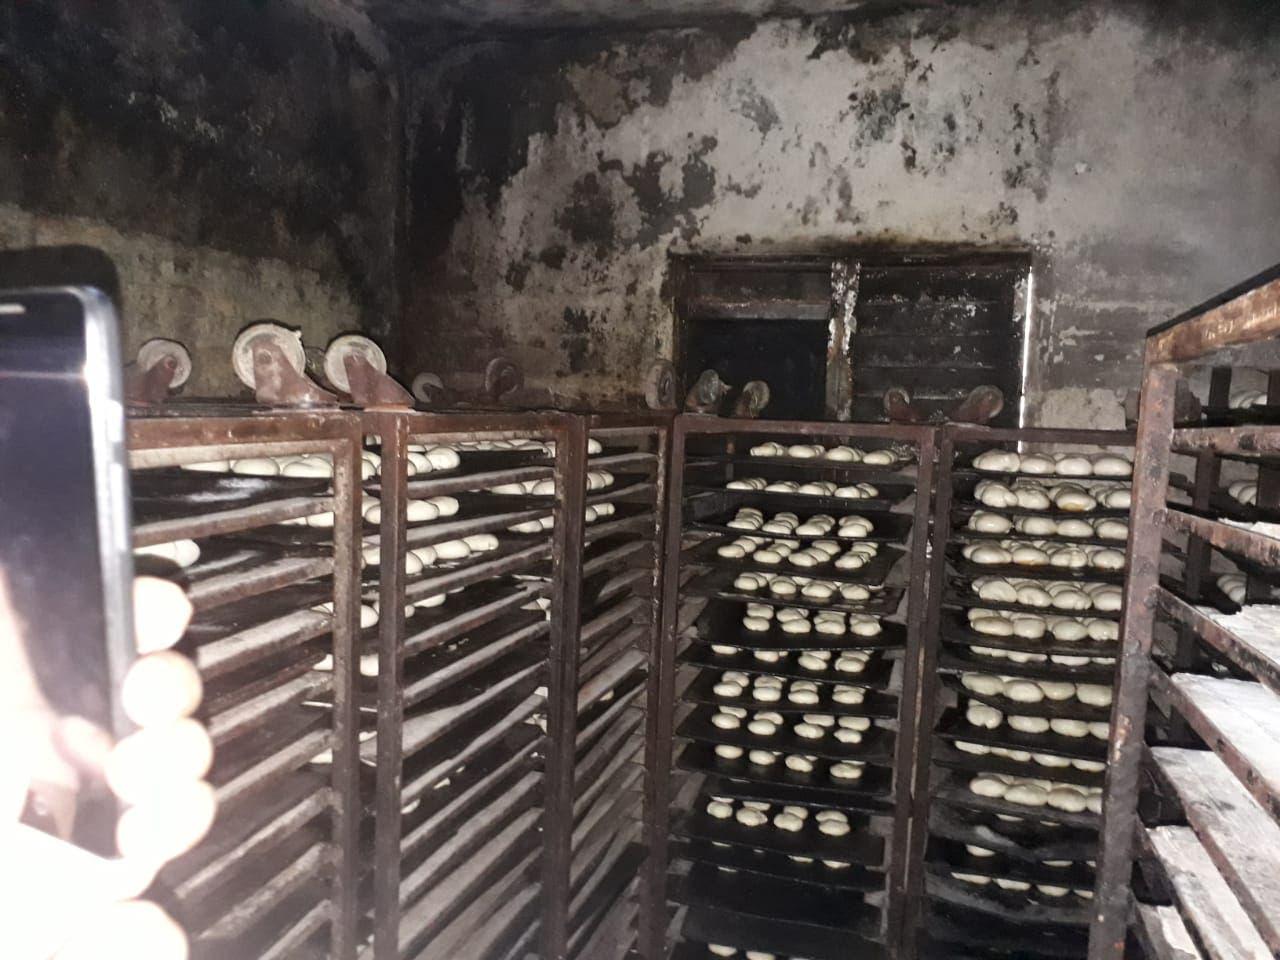 Pro Consumidor cierra dos panaderías en Herrera por contaminación y poca higiene